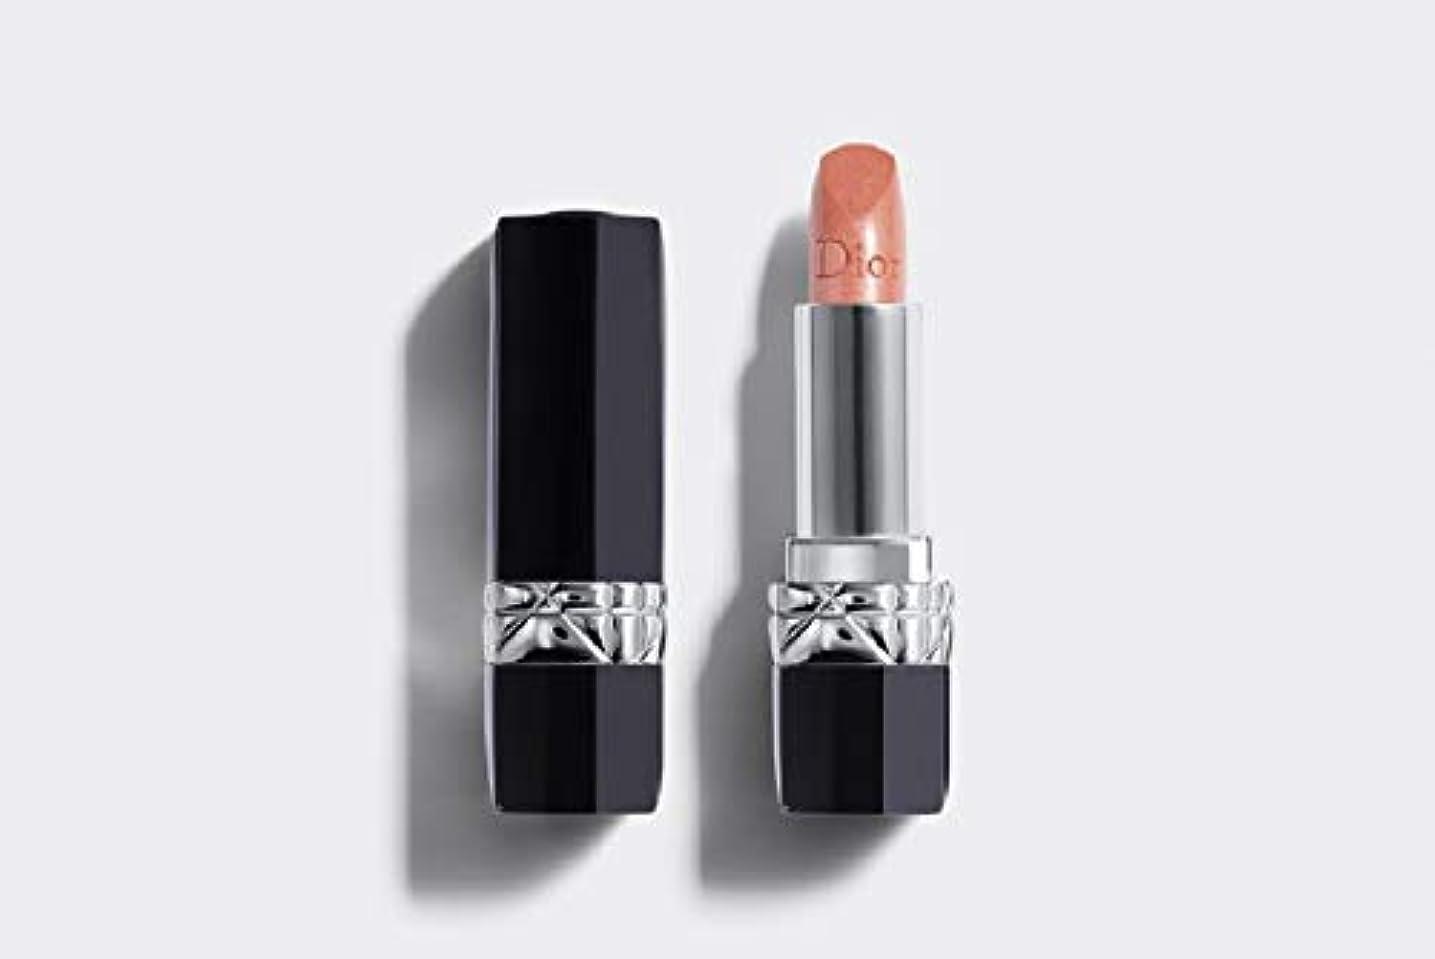 フィッティング系統的非公式【国内正規品?限定品】Dior ディオール ルージュ ディオール<ジャドール> #551 ジョワユーズ (ピーチピンク)